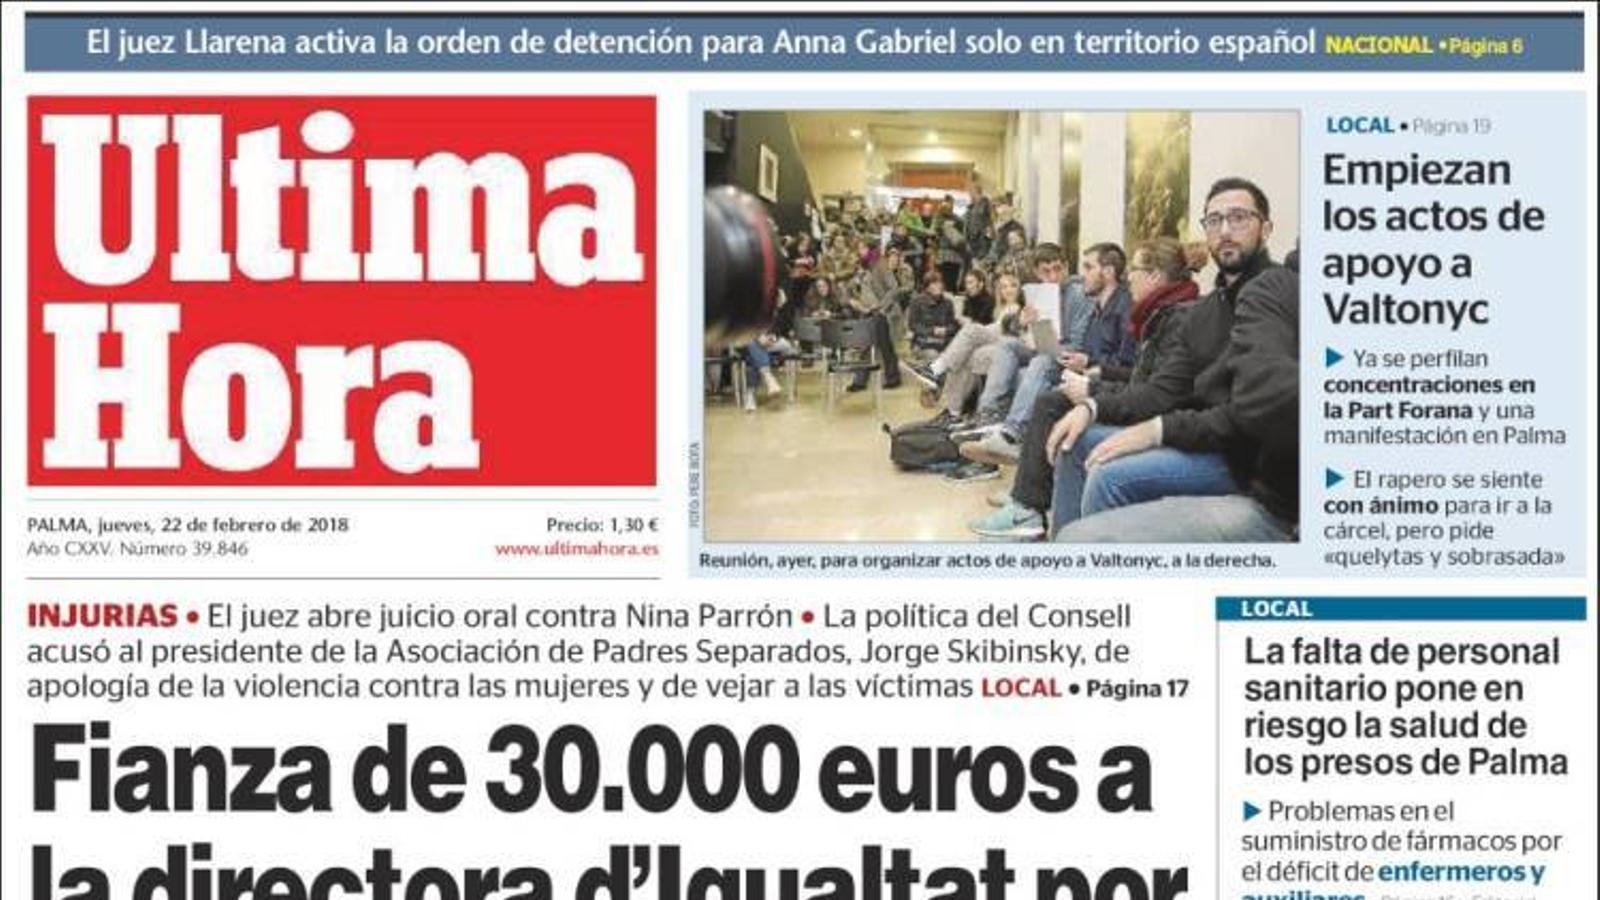 """""""Fiança de 30.000 euros a la directora d'Igualtat per insultar a un """"masclista"""", portada d''Última Hora'"""